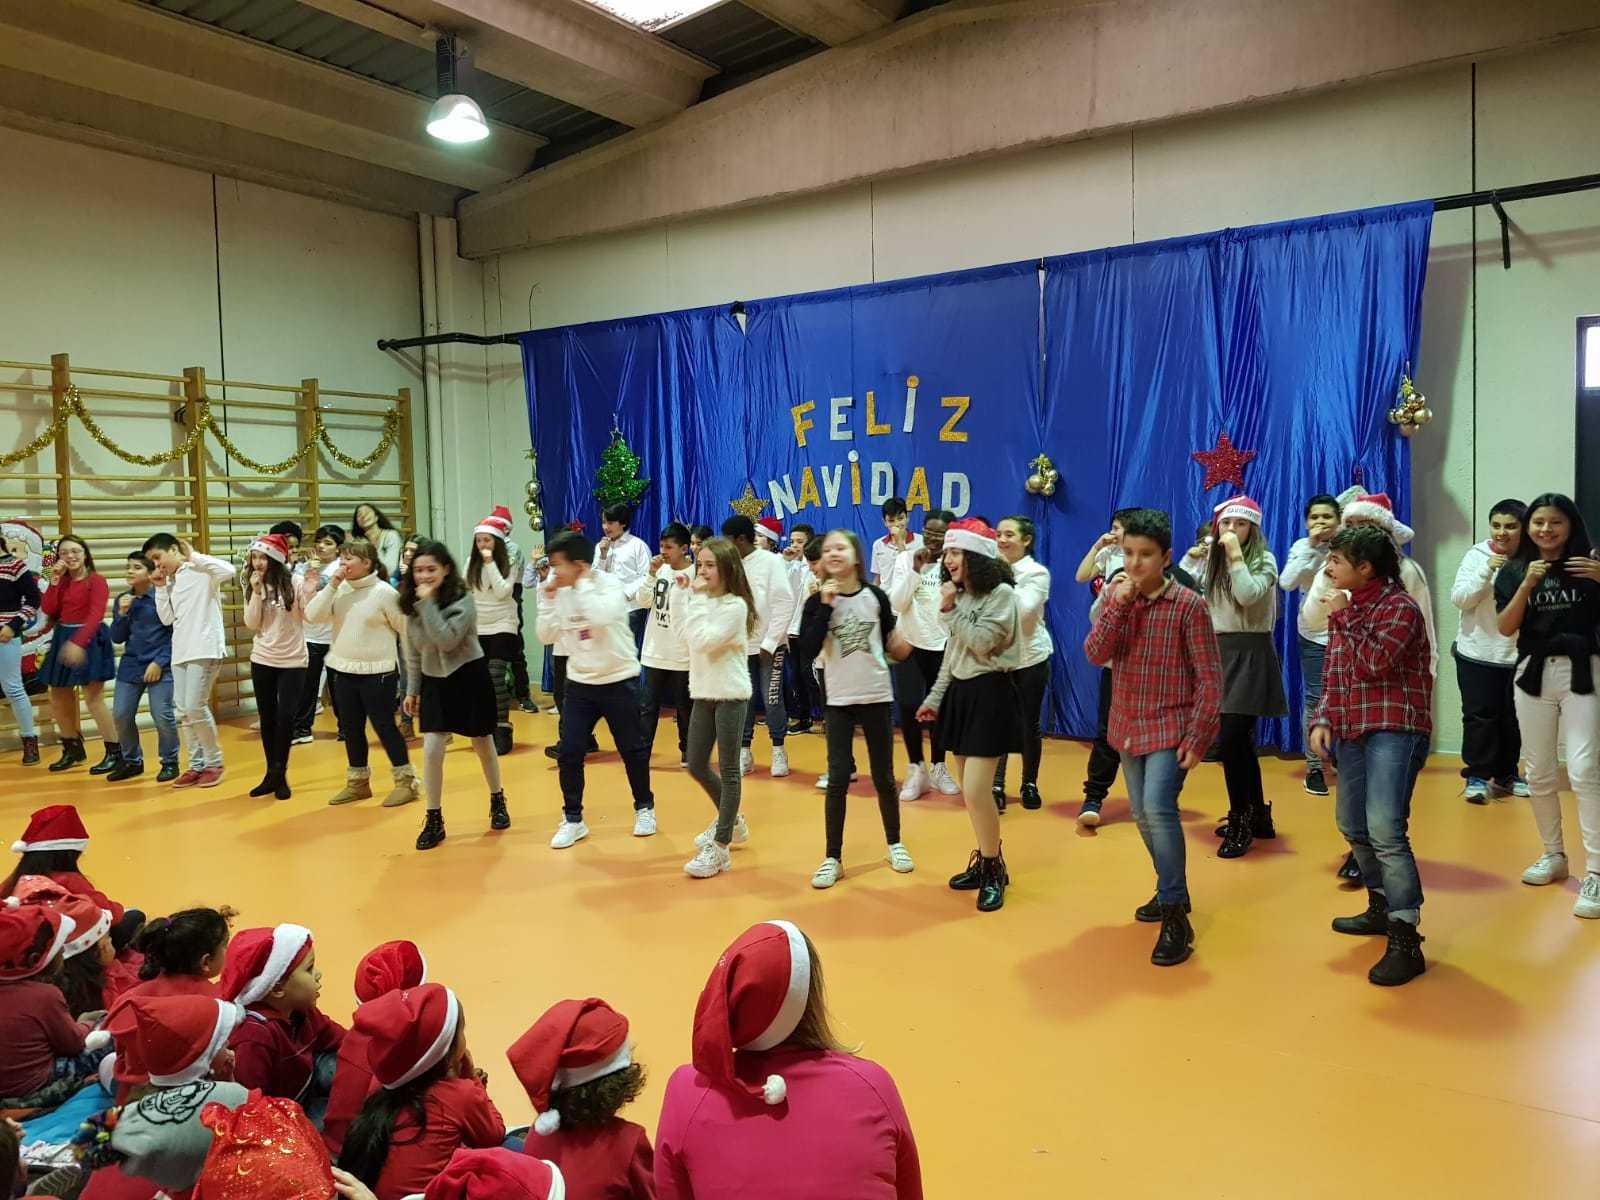 Último día - Festival navidad 25